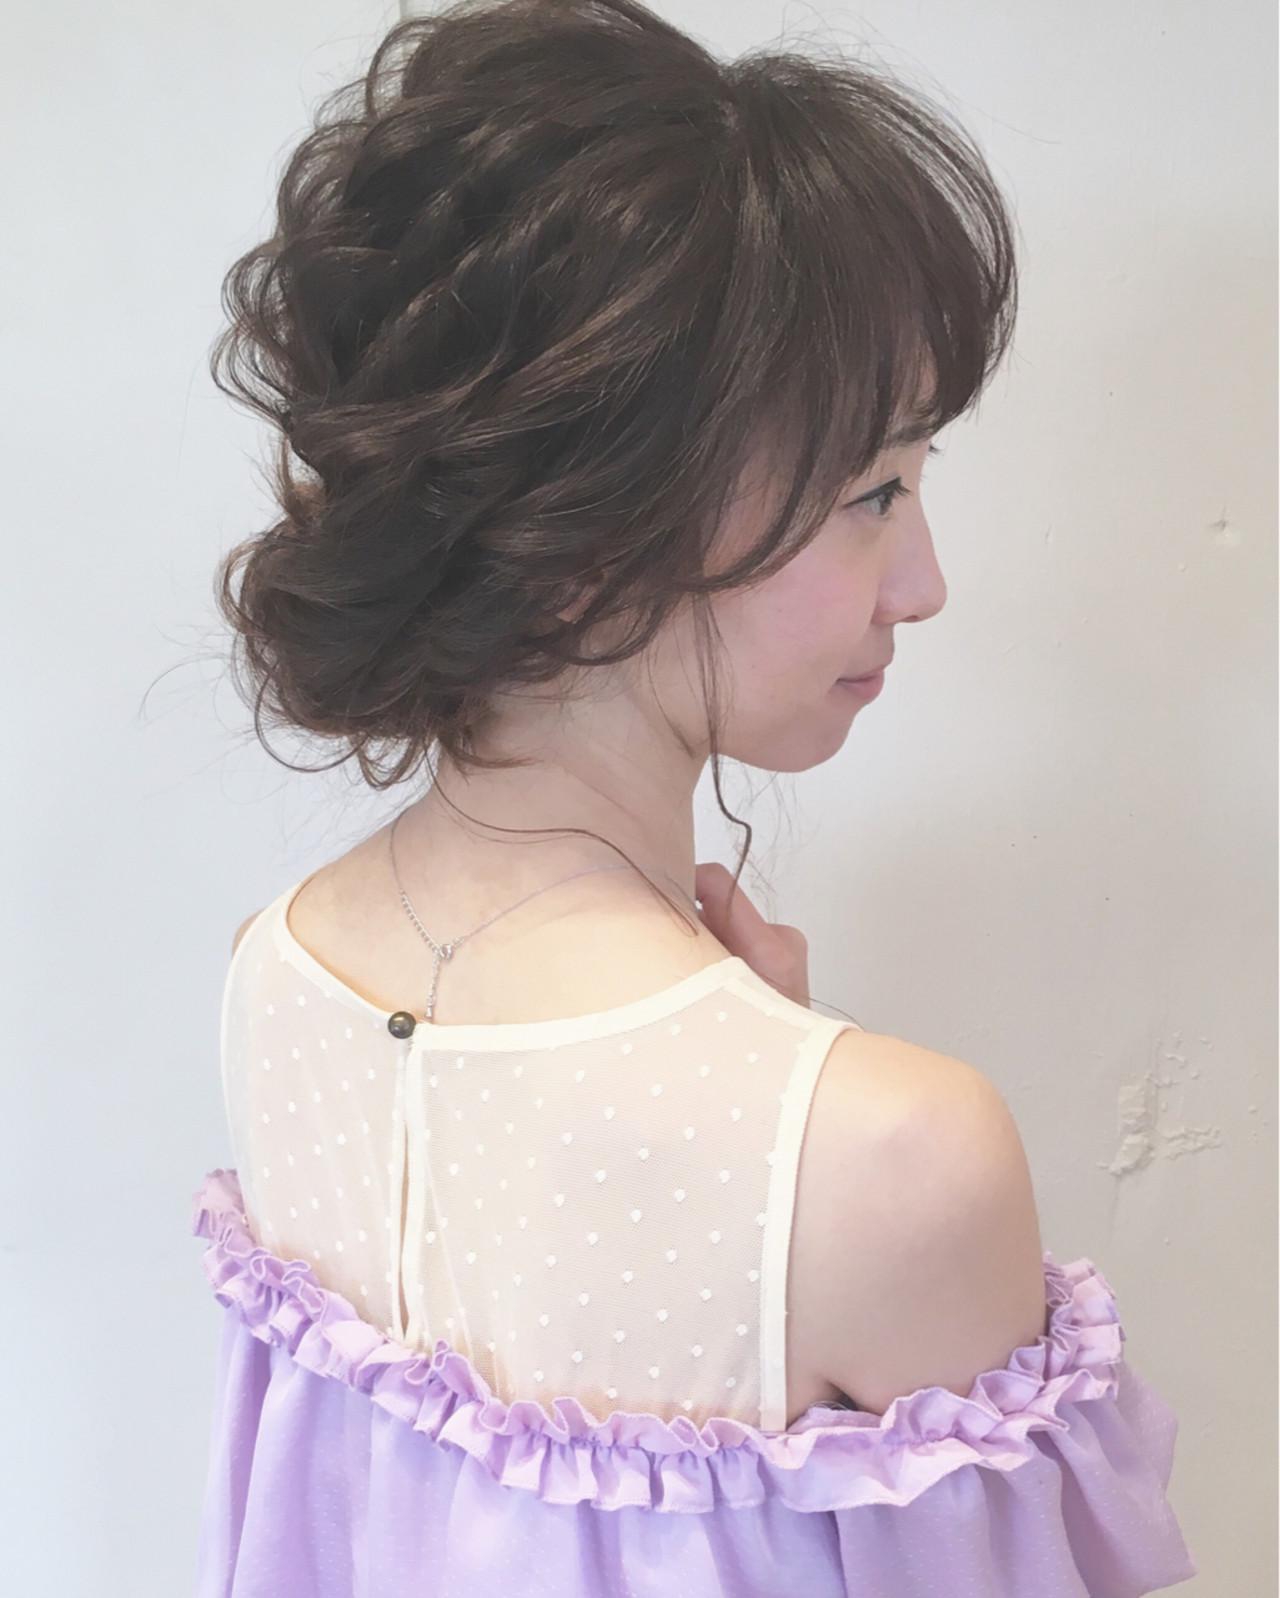 大人かわいい ヘアアレンジ 結婚式 ロング ヘアスタイルや髪型の写真・画像